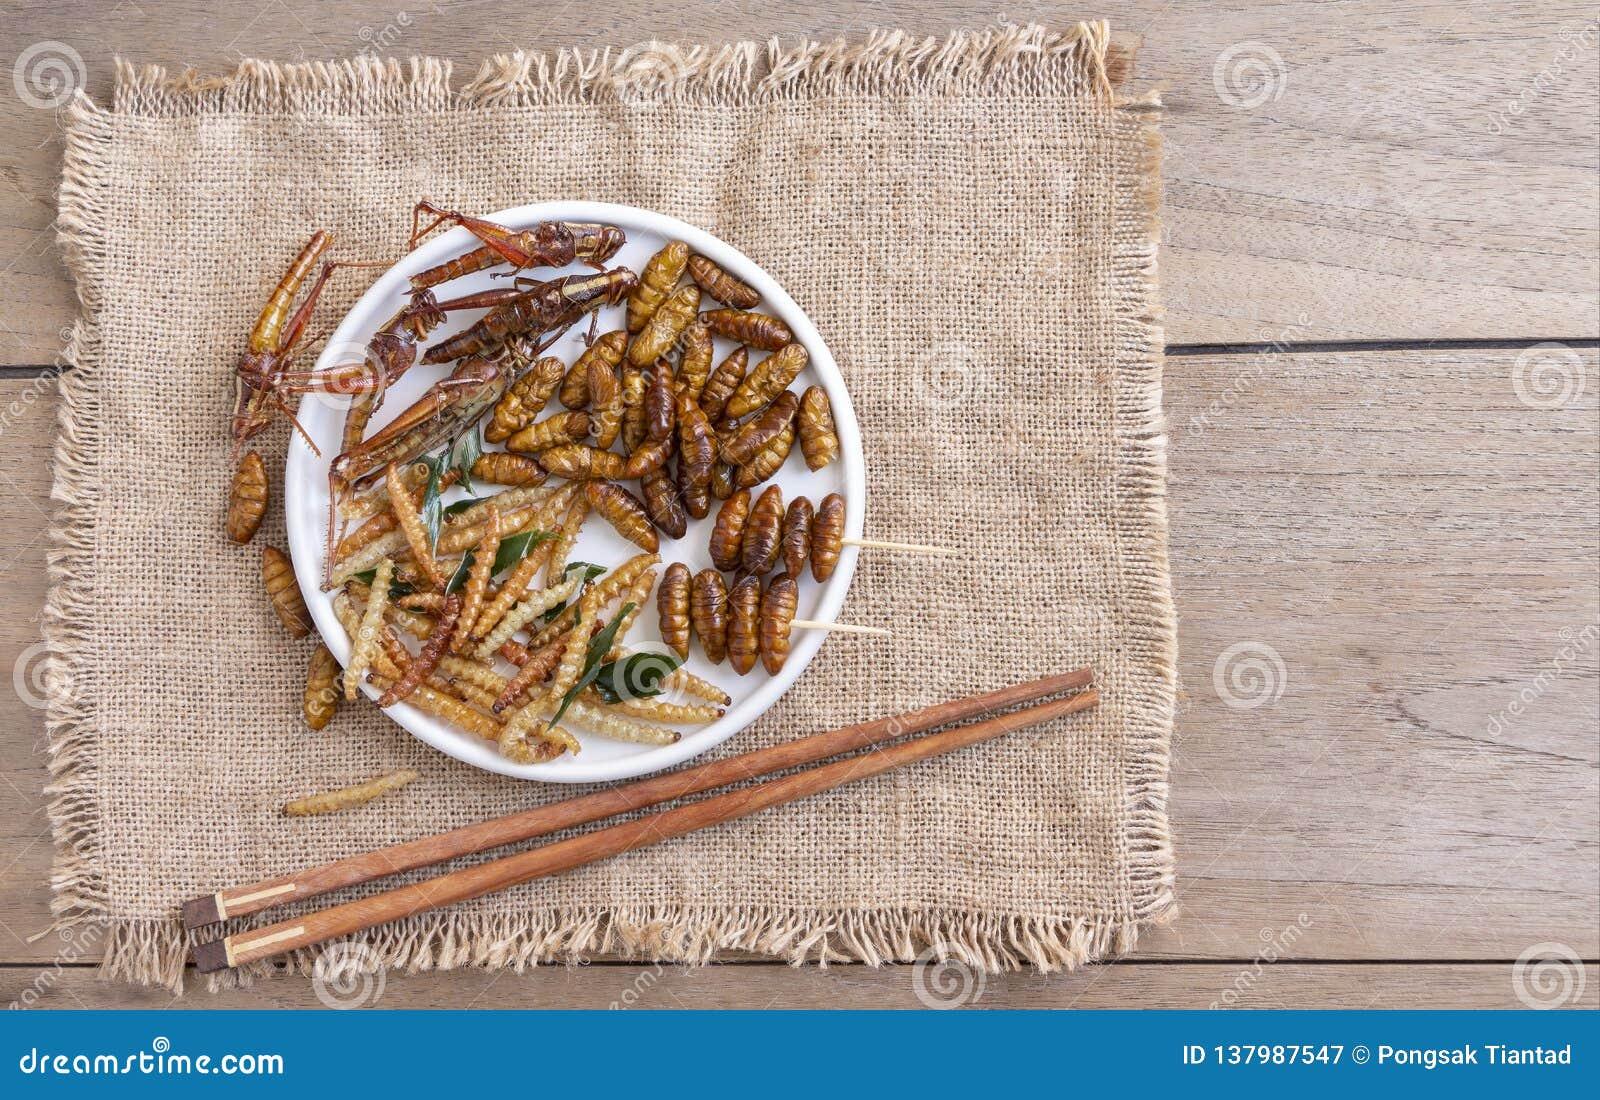 Mezclado de gusano y de insectos curruscantes en una placa de cerámica con los palillos en una tabla de madera El concepto de fue